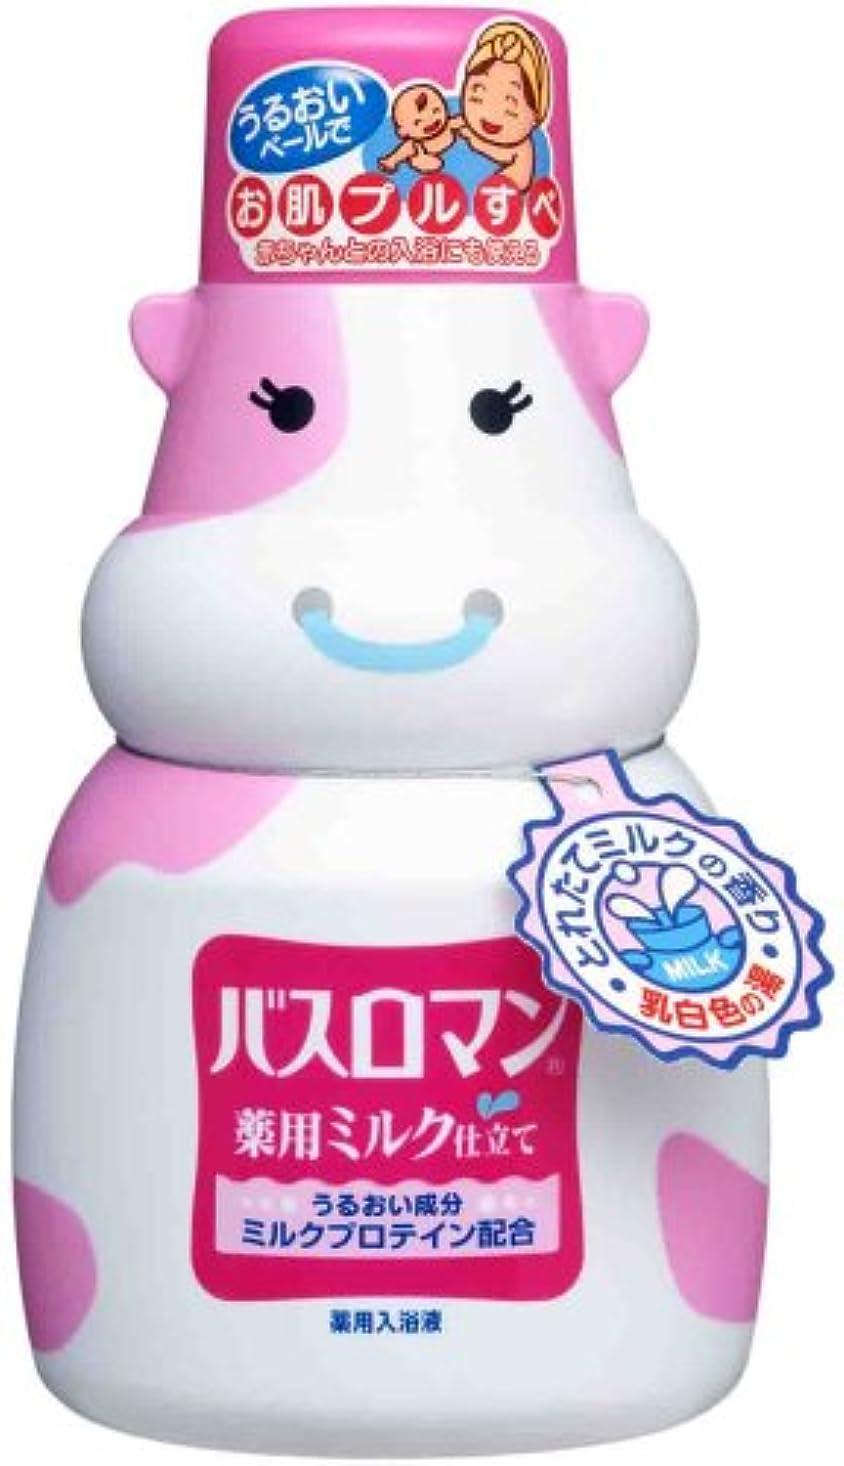 政府雲マウントバンクアース製薬 バスロマン 薬用ミルク仕立てとれたてミルク 本体 720mL